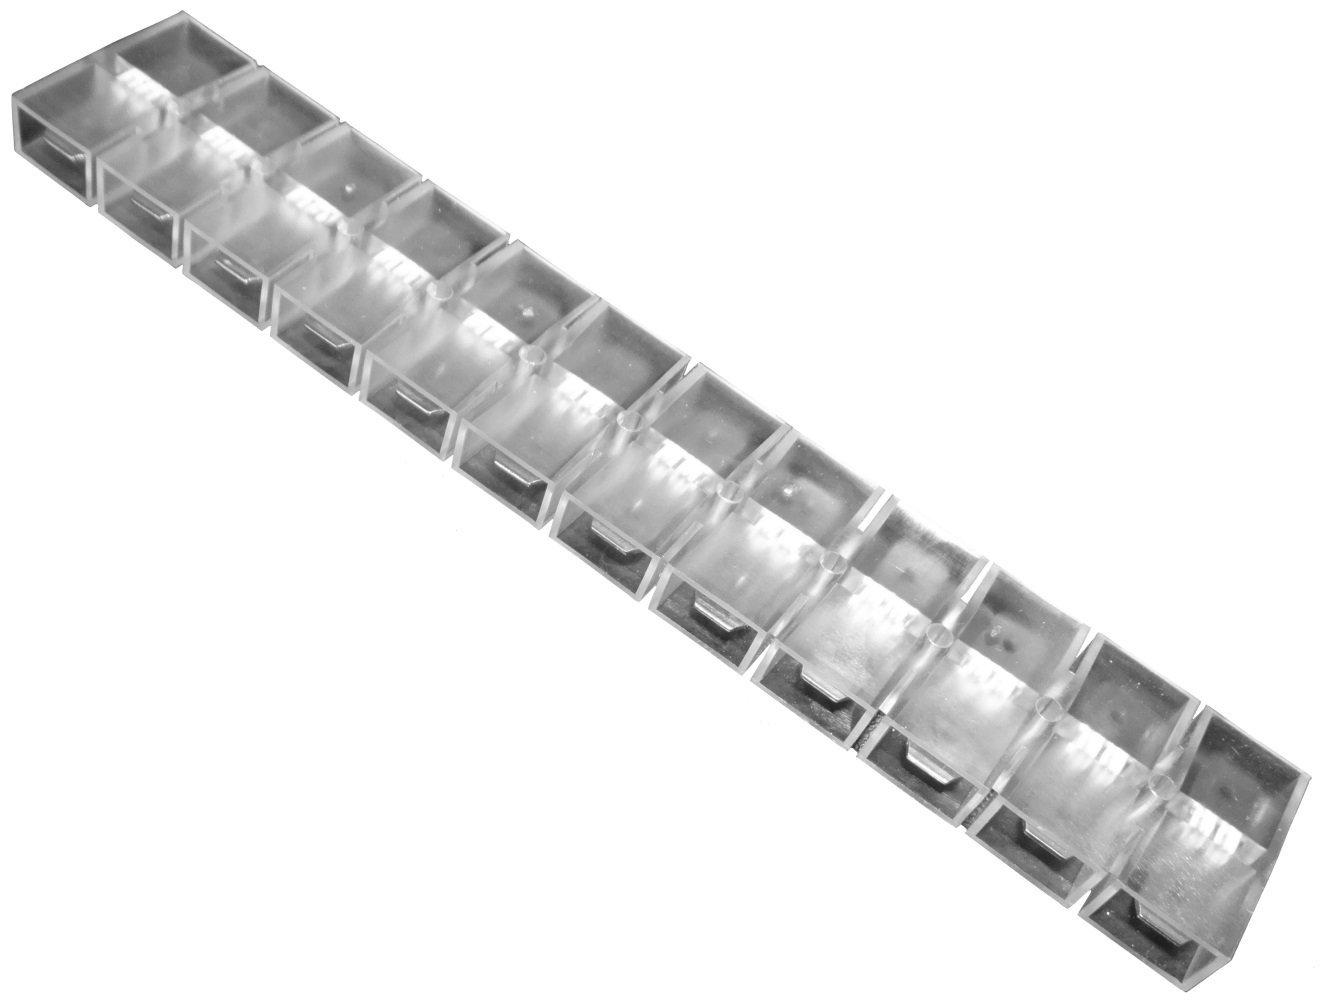 AERZETIX: Bloque de conexion conector 12 vias terminales electricos 6.3mm 0.8mm 25A 300V SK2-C11677-R617